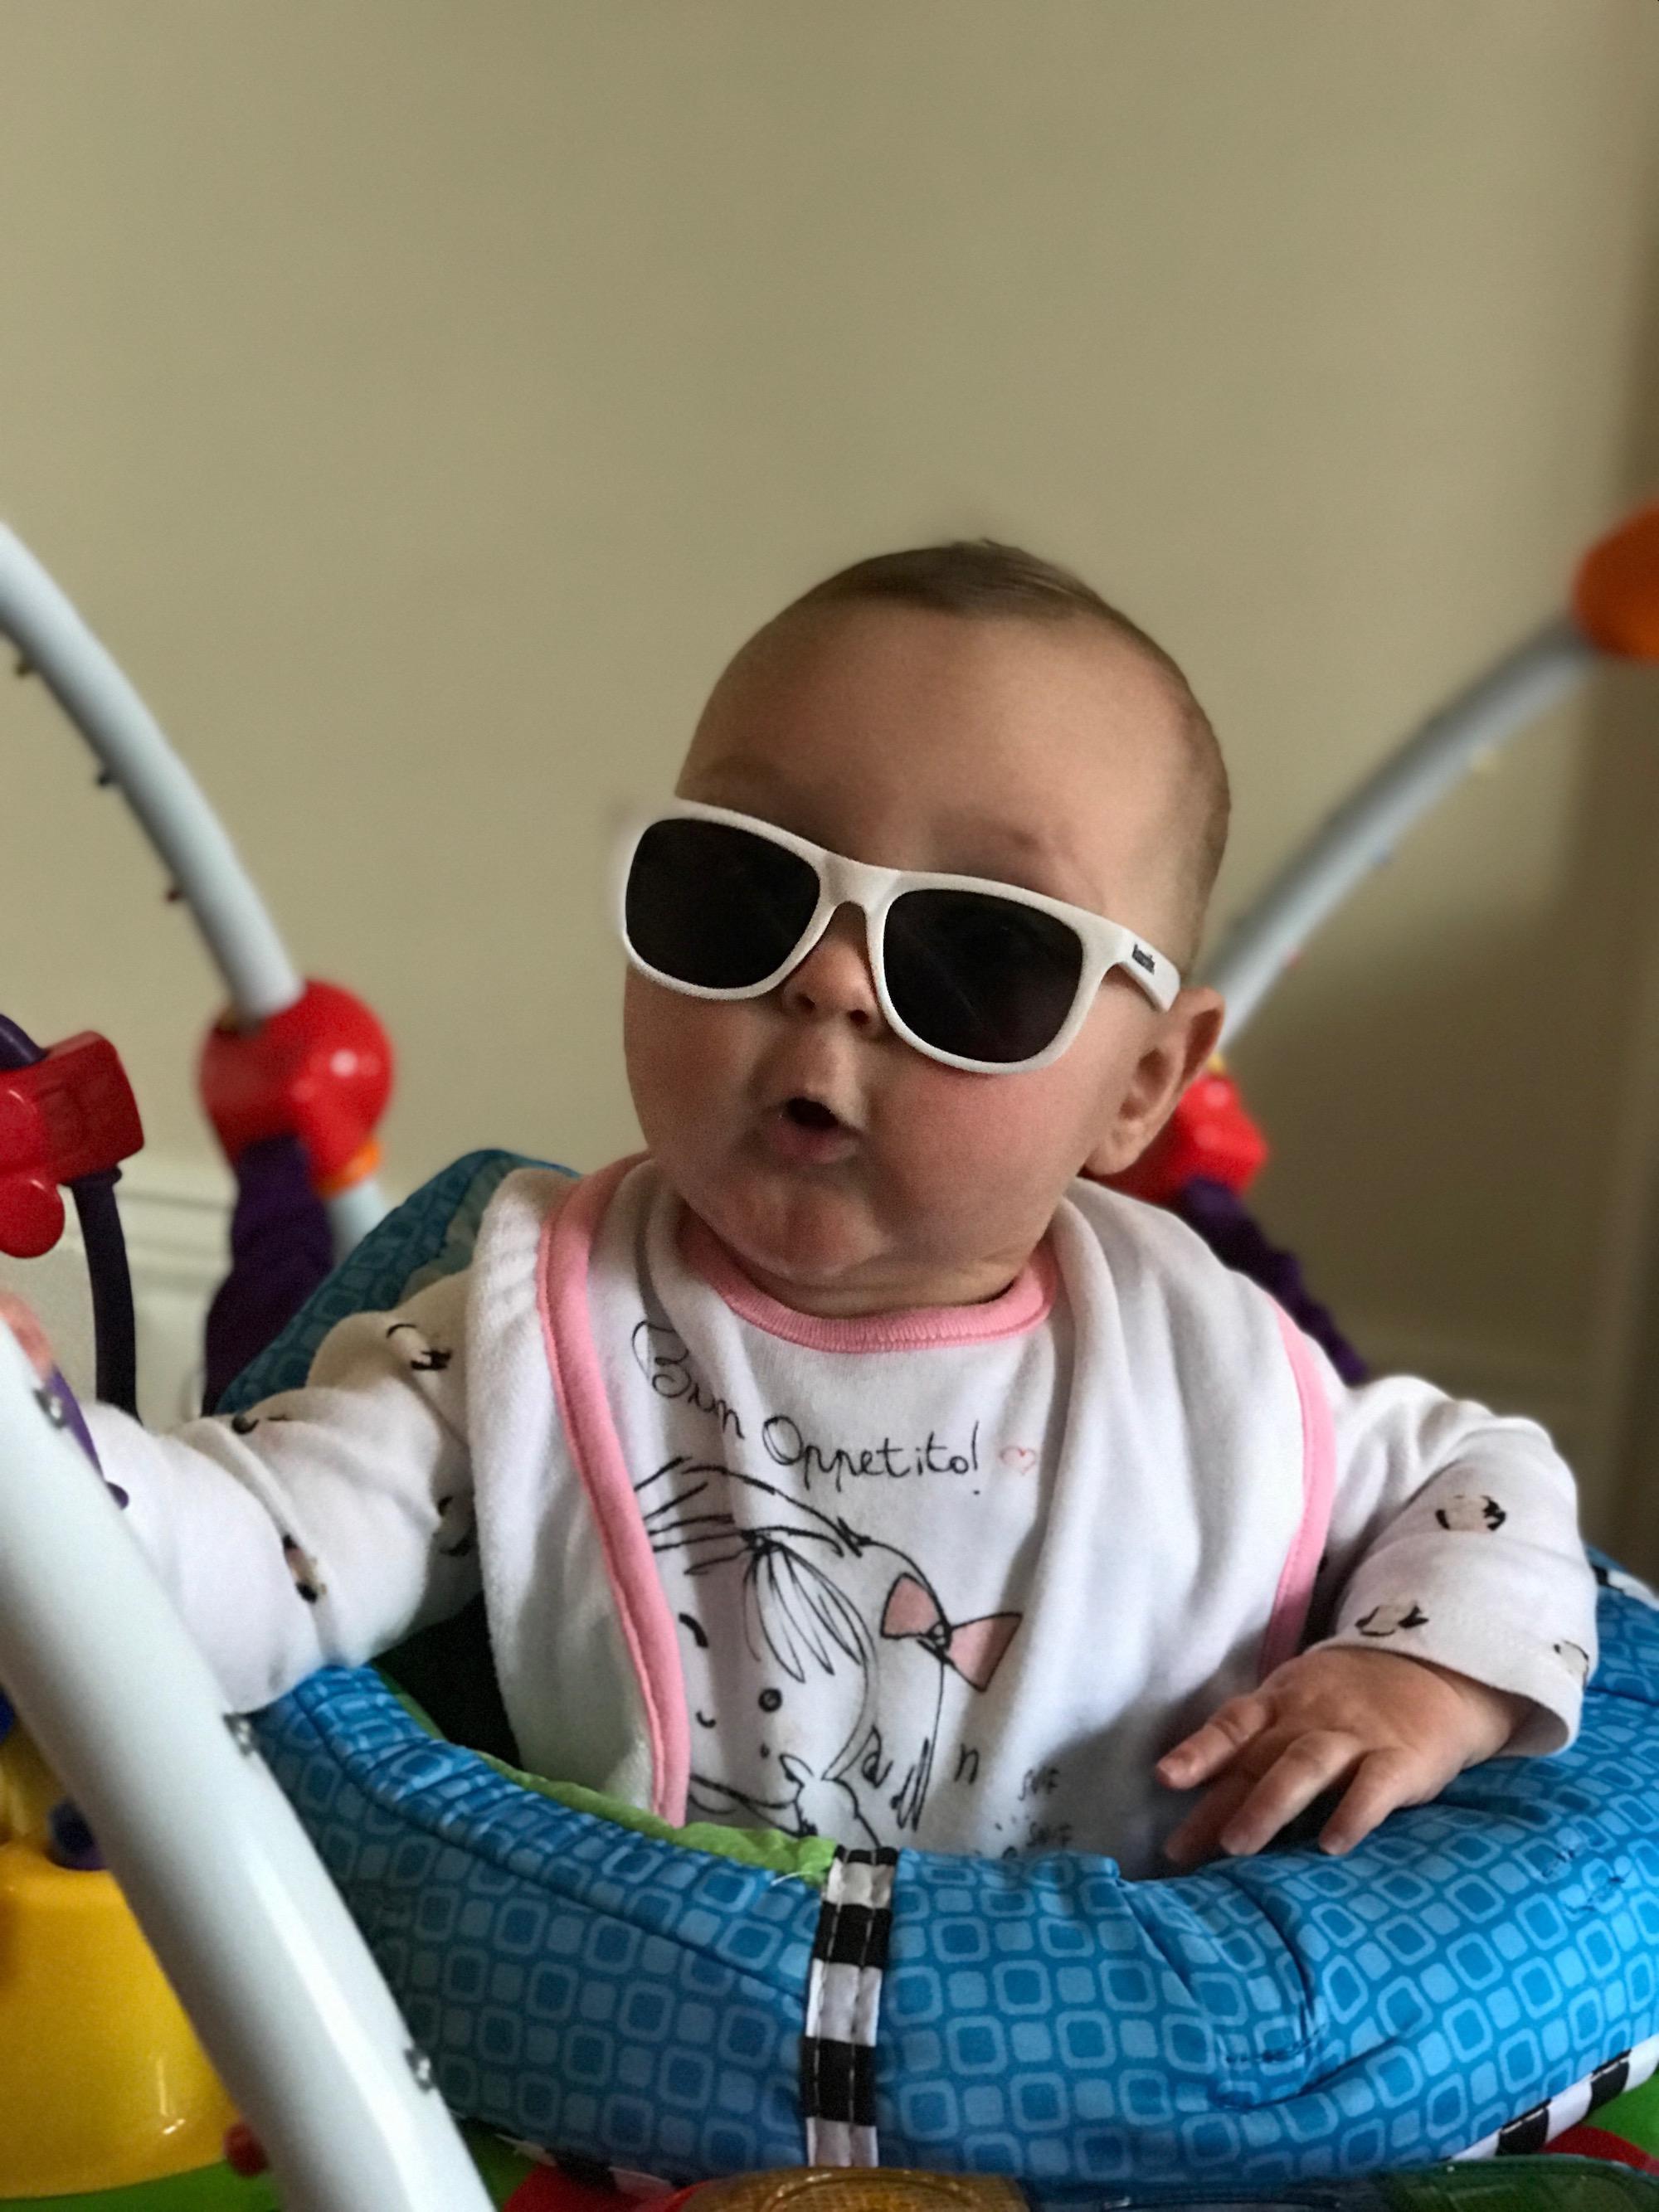 Atti wearing white sunglasses